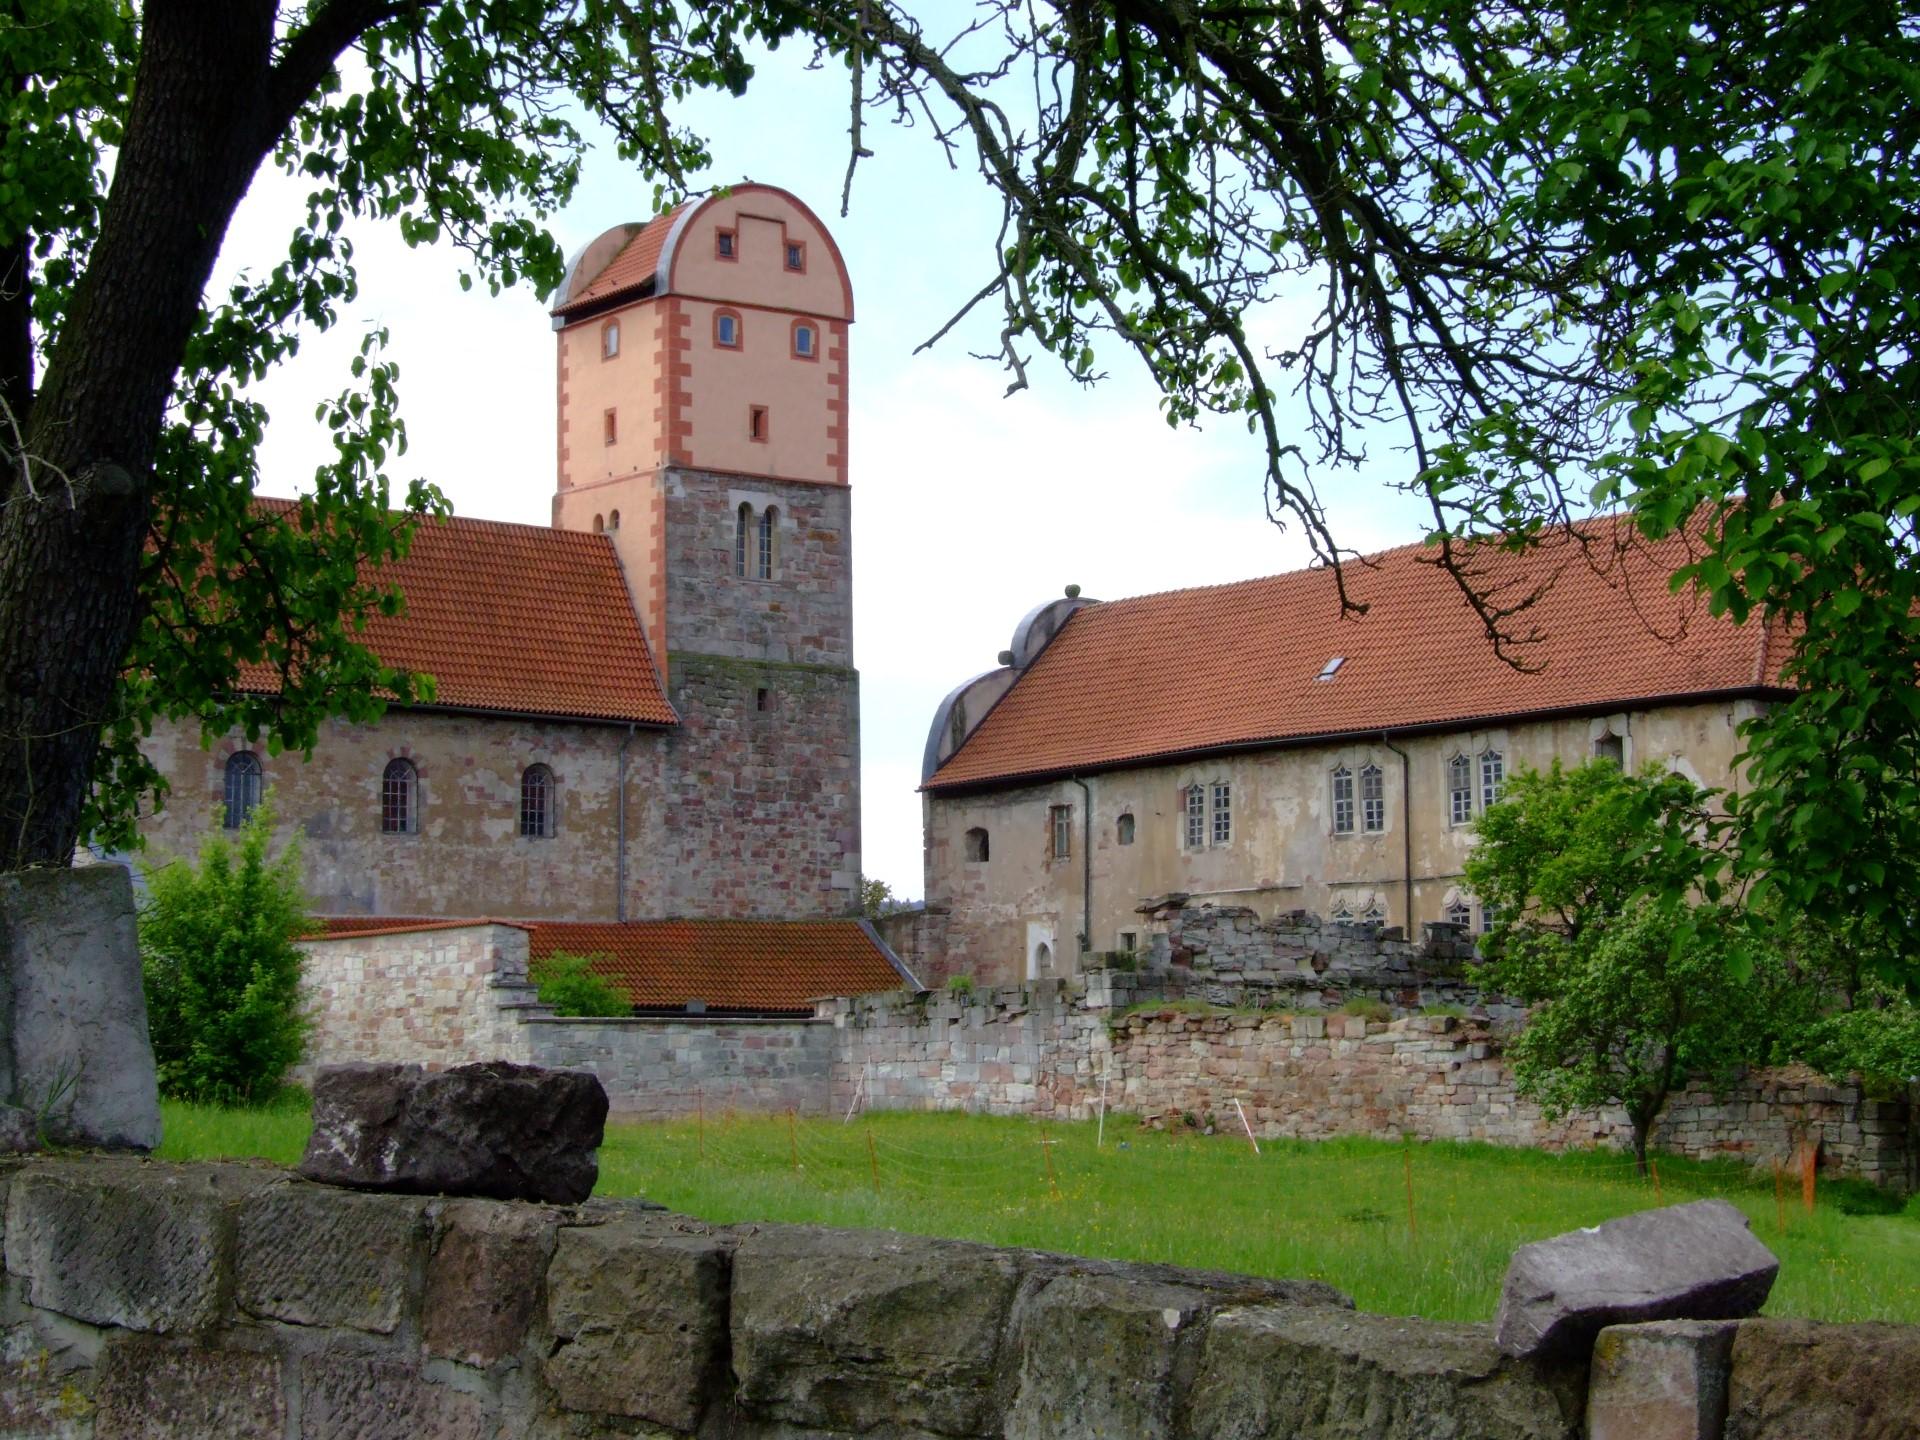 Schloß und Basilika Breitungen